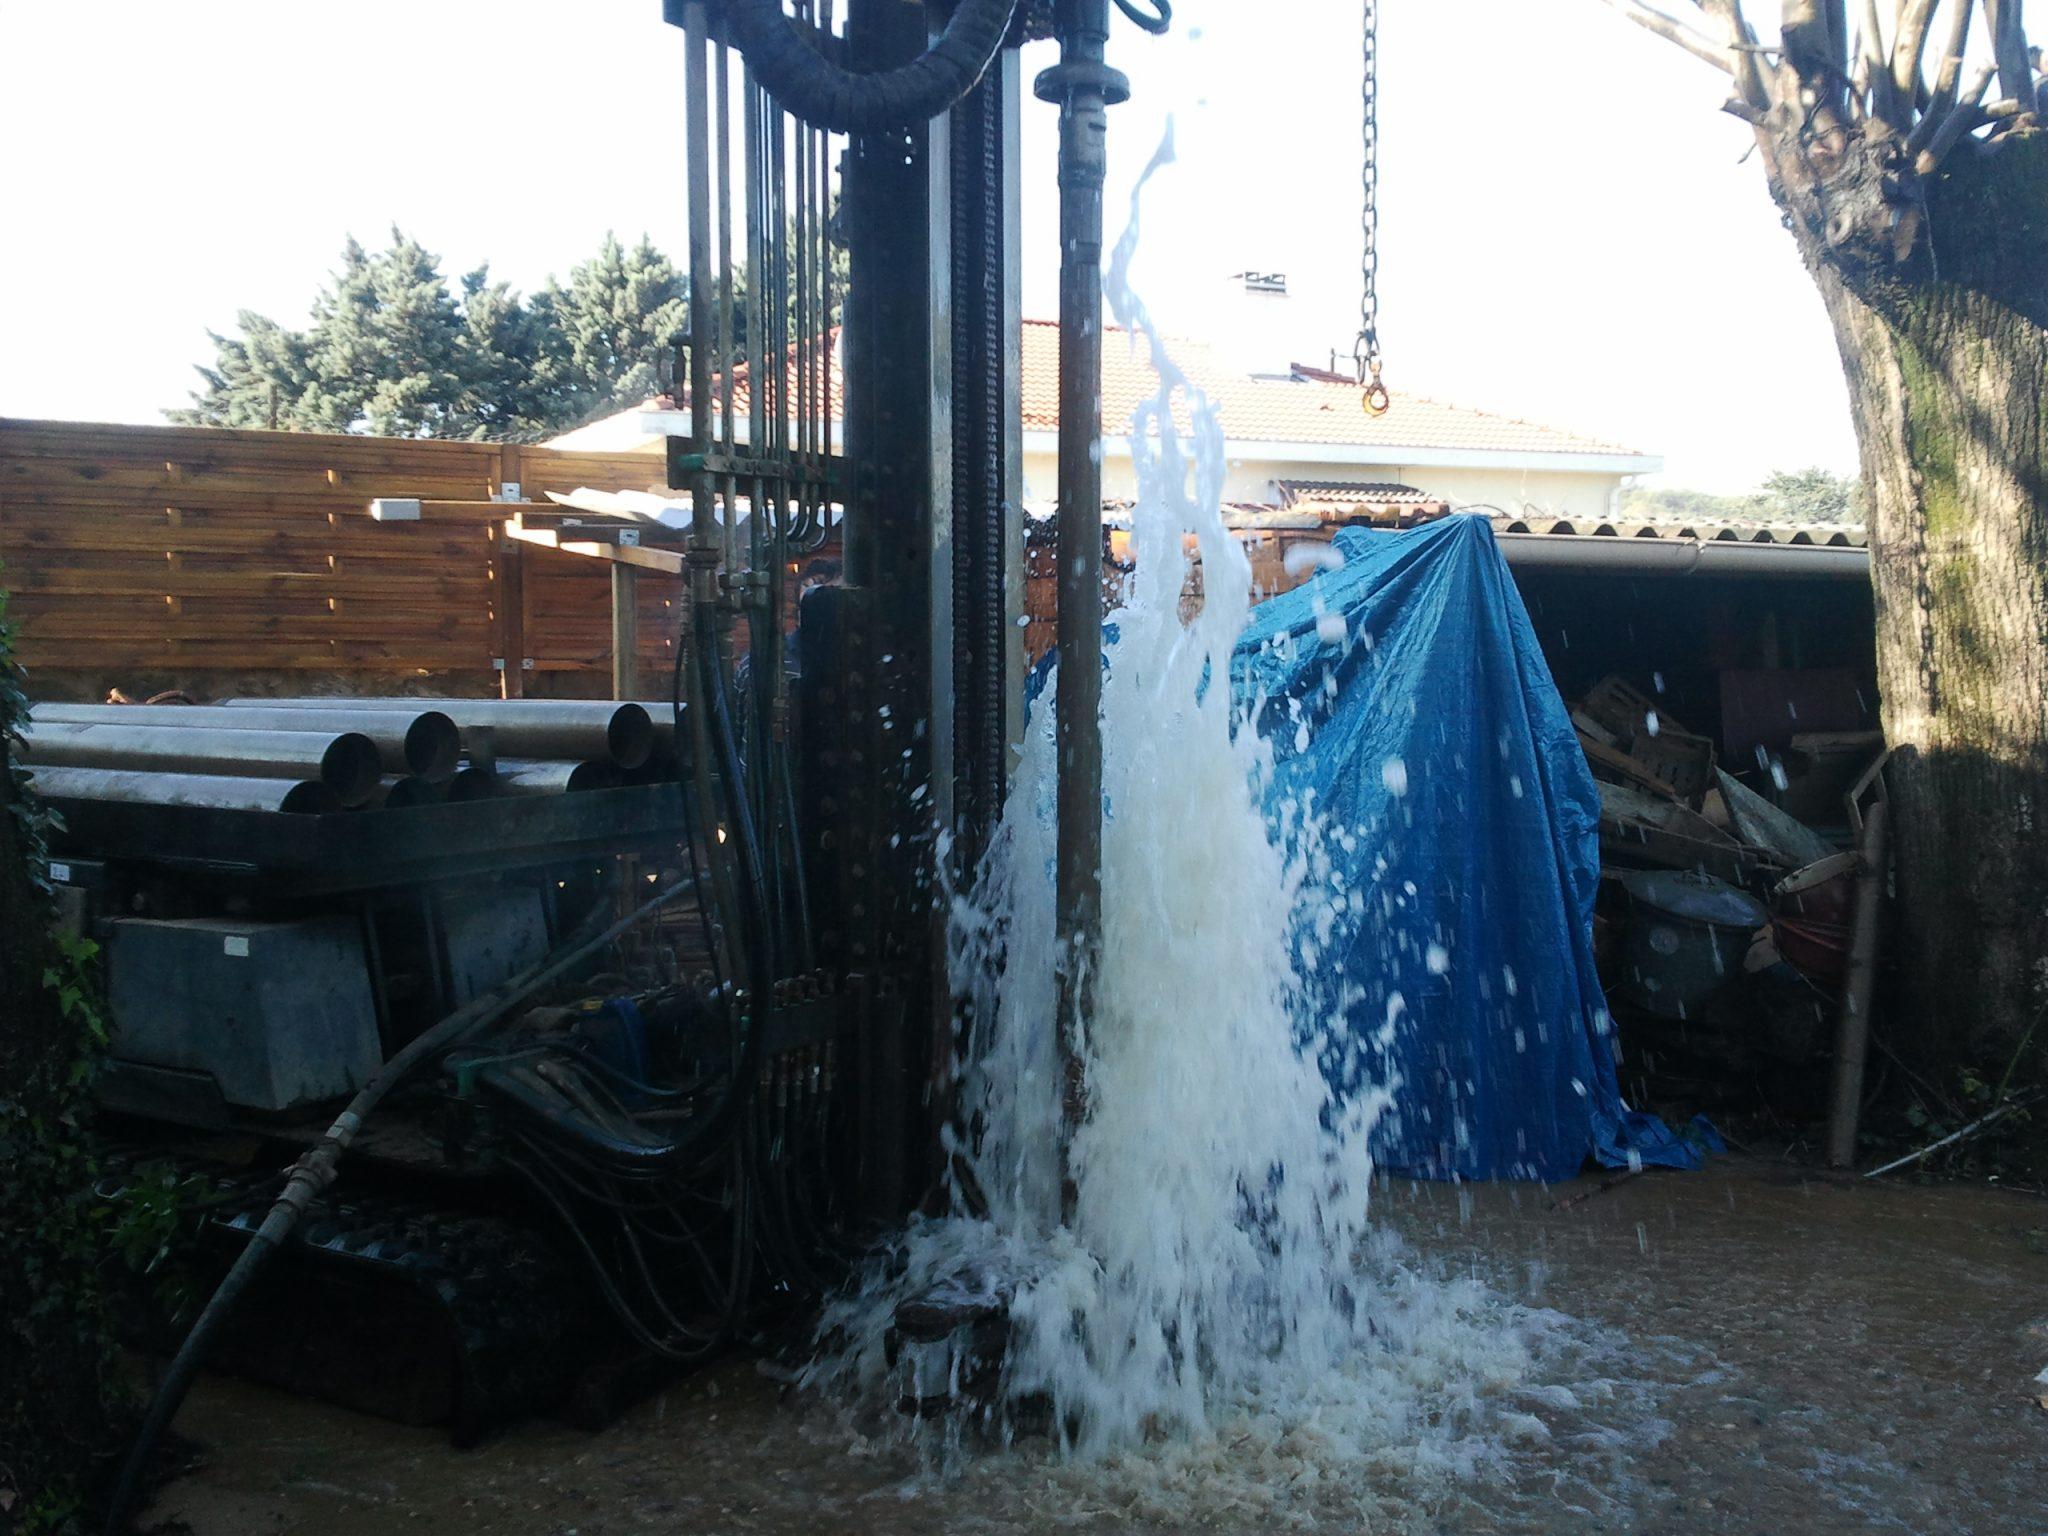 Forage d'eau à Valence